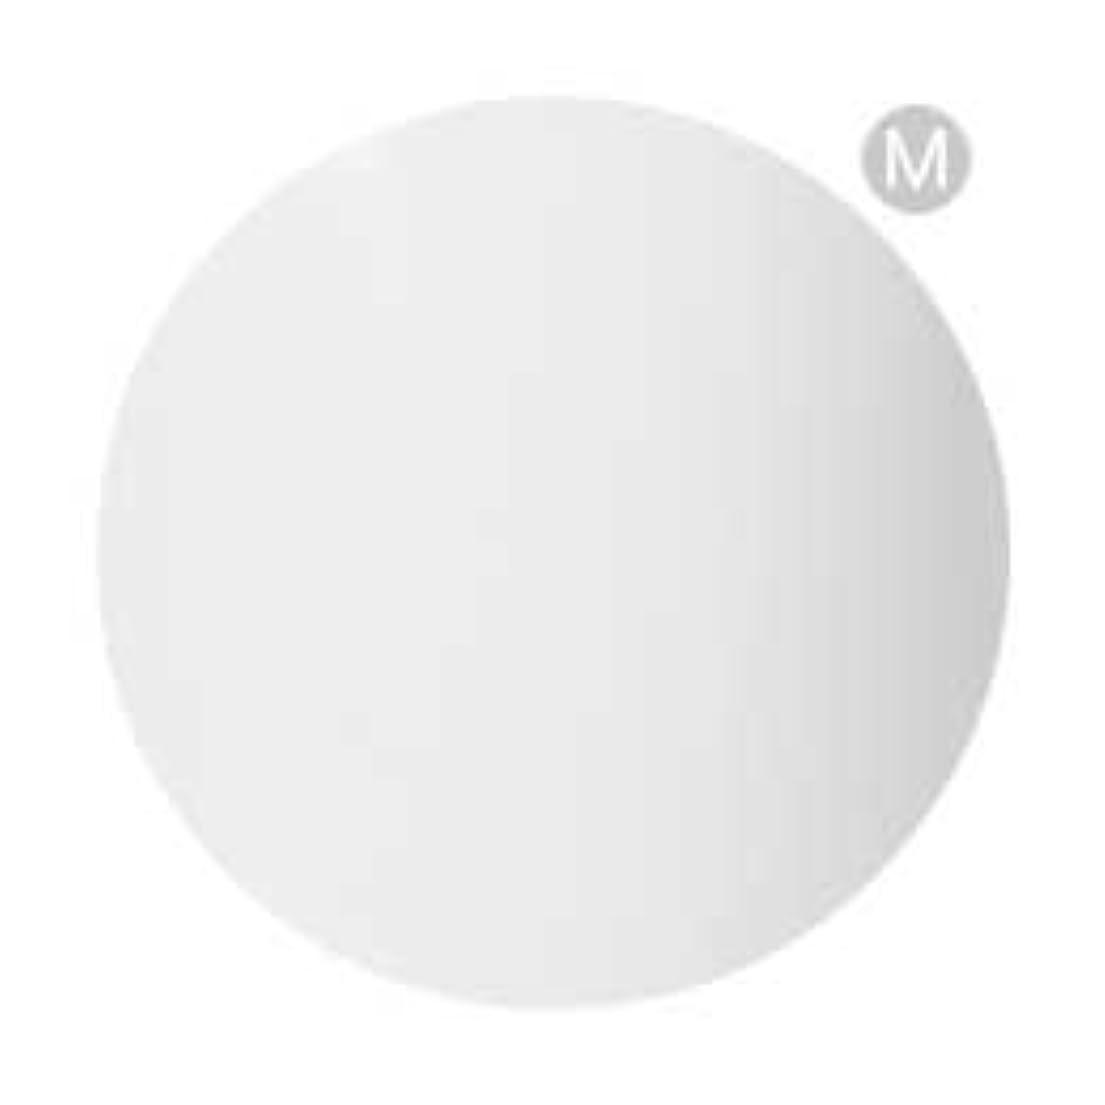 尊敬尽きるモッキンバードPalms Graceful カラージェル 3g 045 ミルキーホワイト